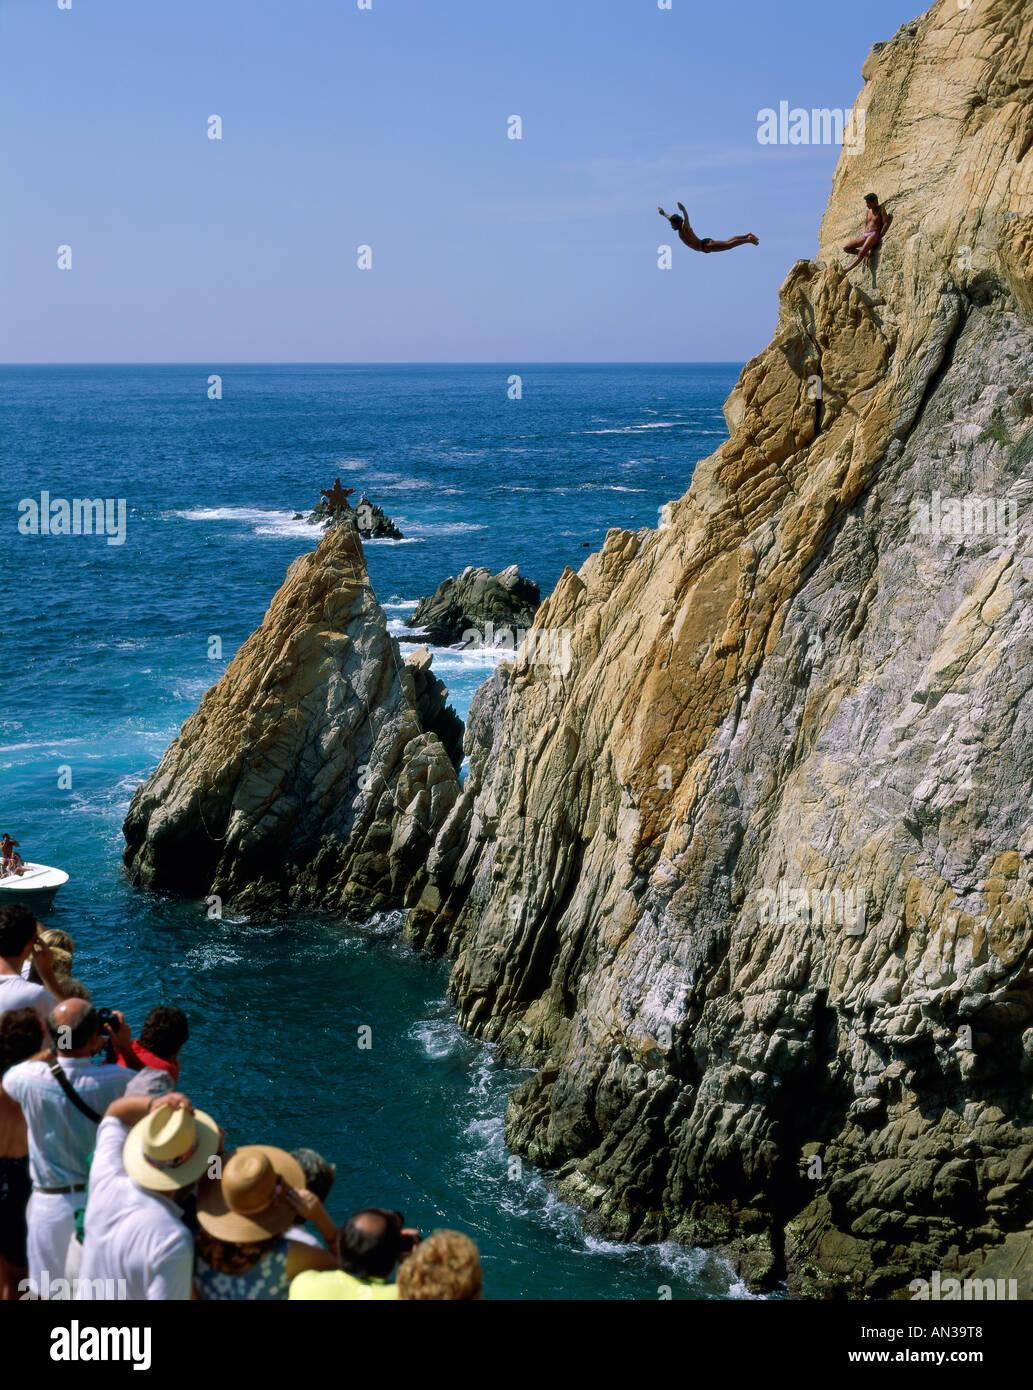 Fotos de la quebrada de acapulco 92